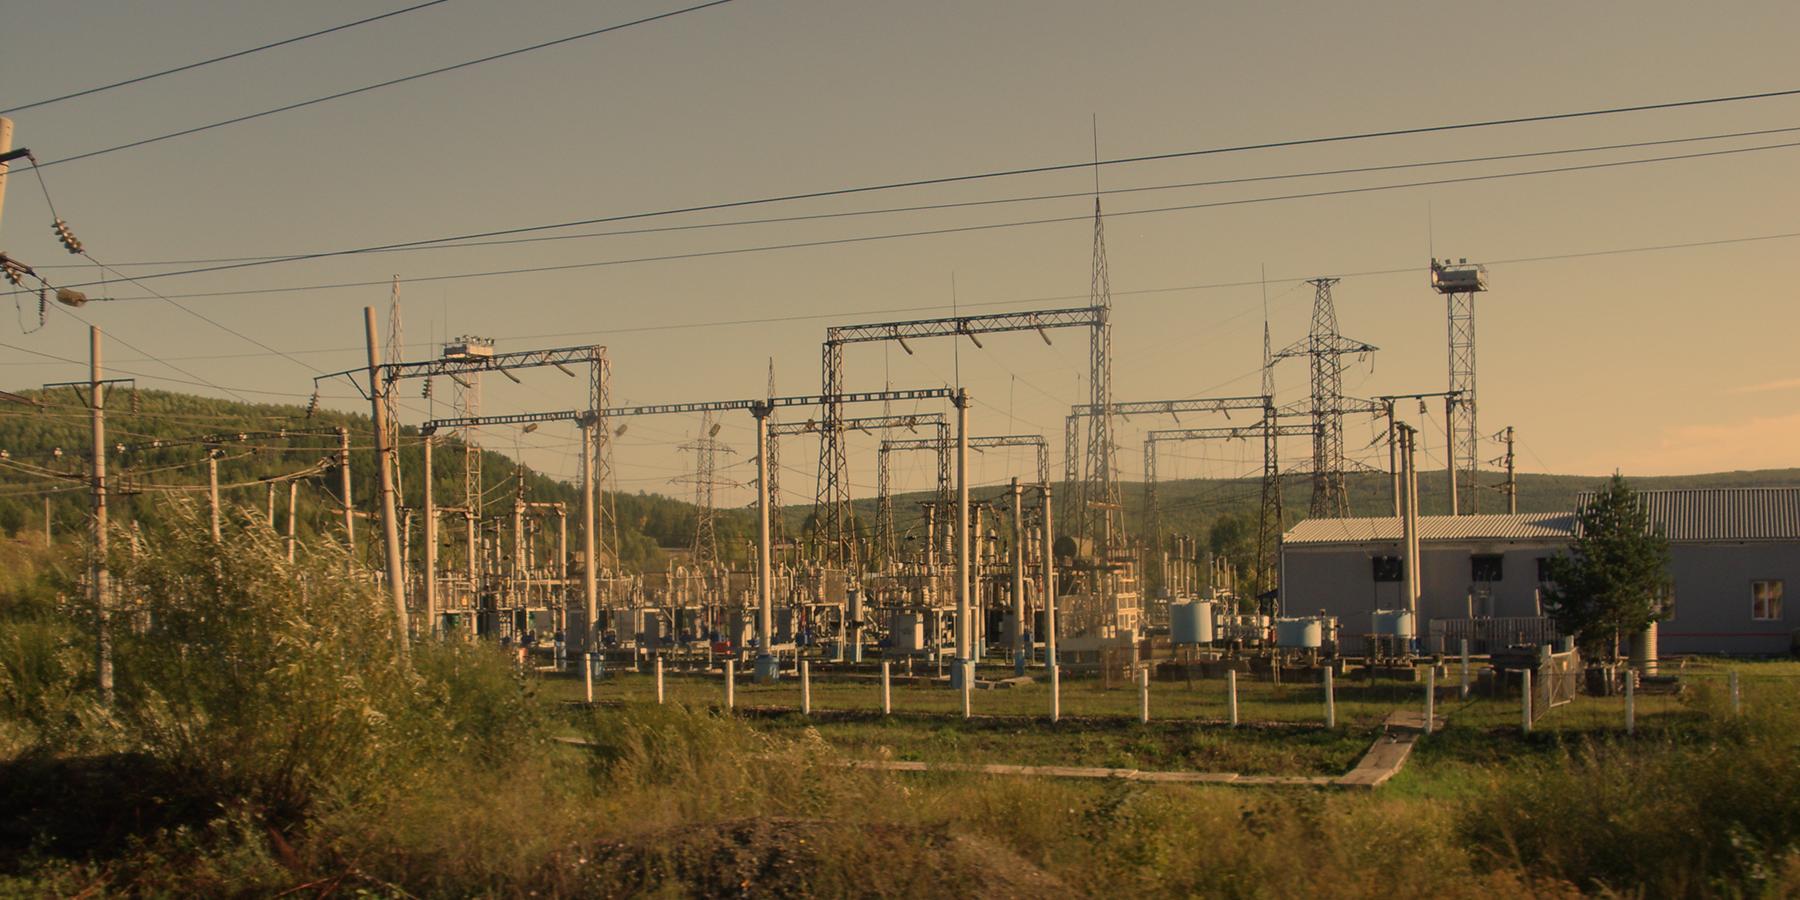 Россети ФСК ЕЭС расширили подстанцию 220 кВ Сковородино для выдачи мощности объектам Силы Сибири